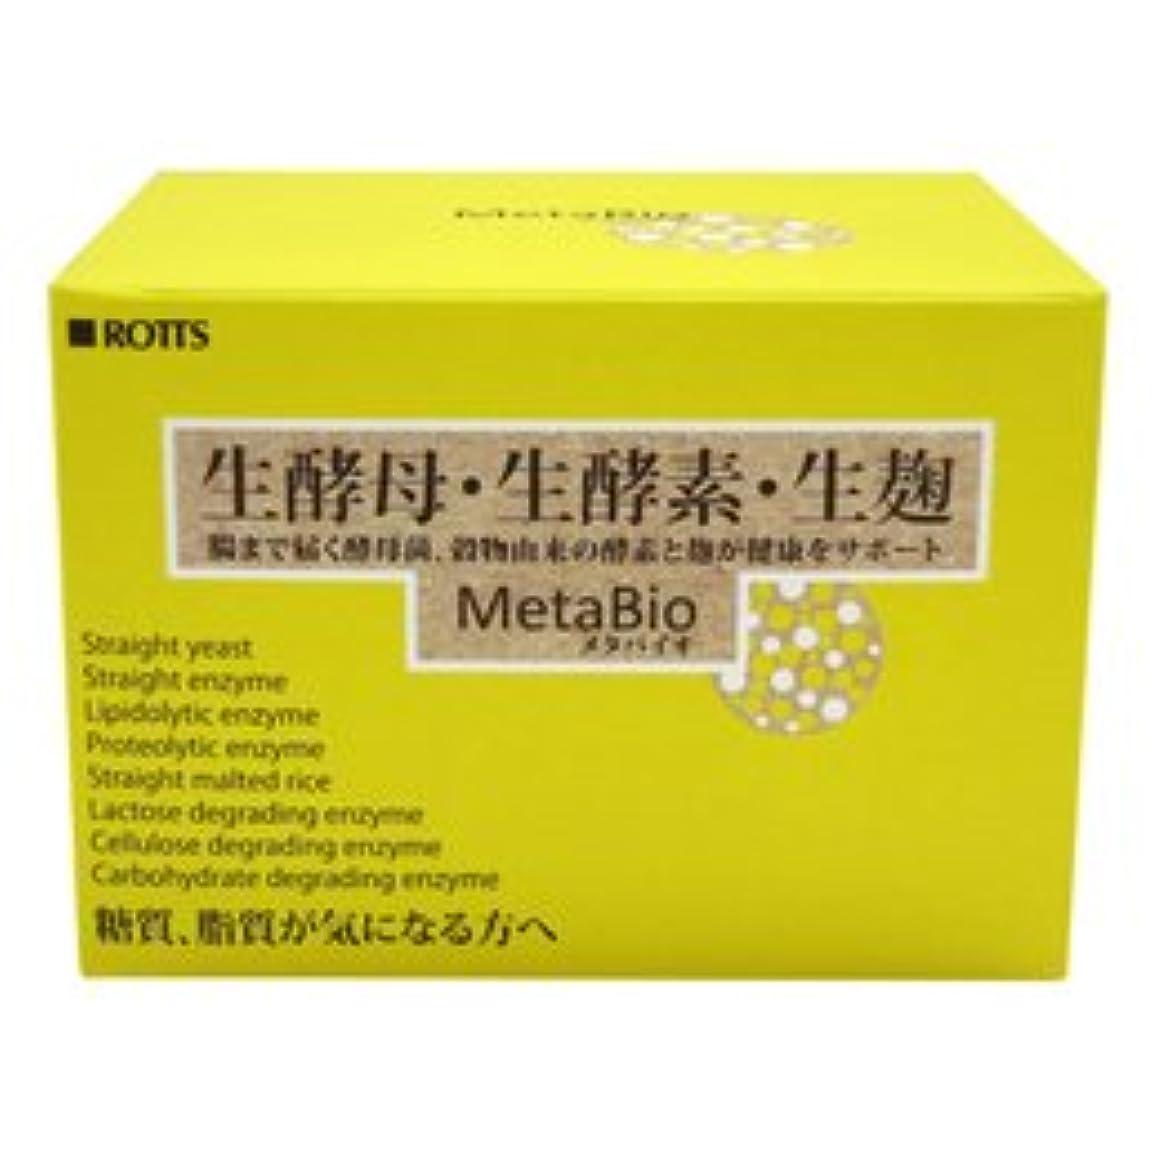 シダ刻むやるMetaBio/メタバイオ(2粒×30包)×6箱セット